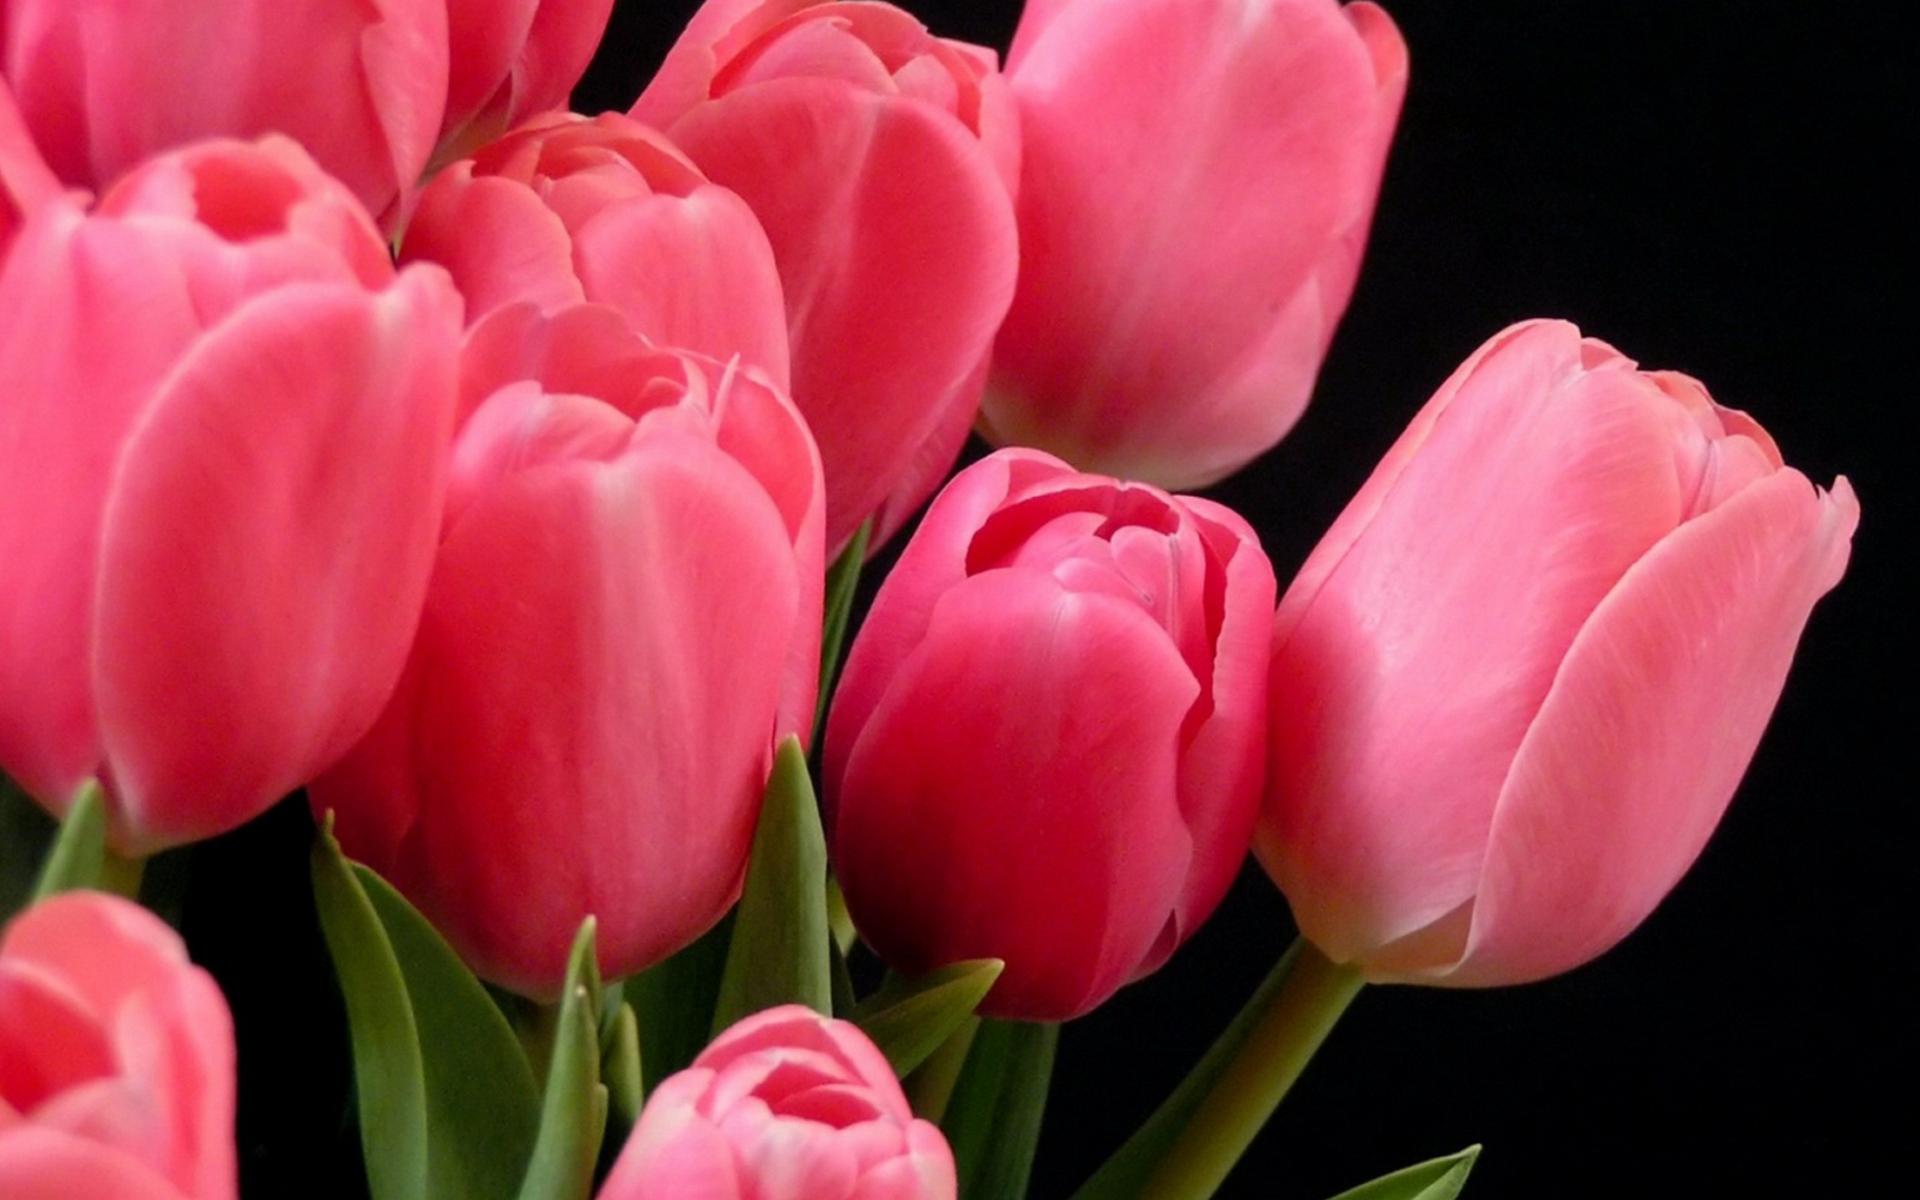 Картинки тюльпаны красивые на рабочий стол, новый год художник